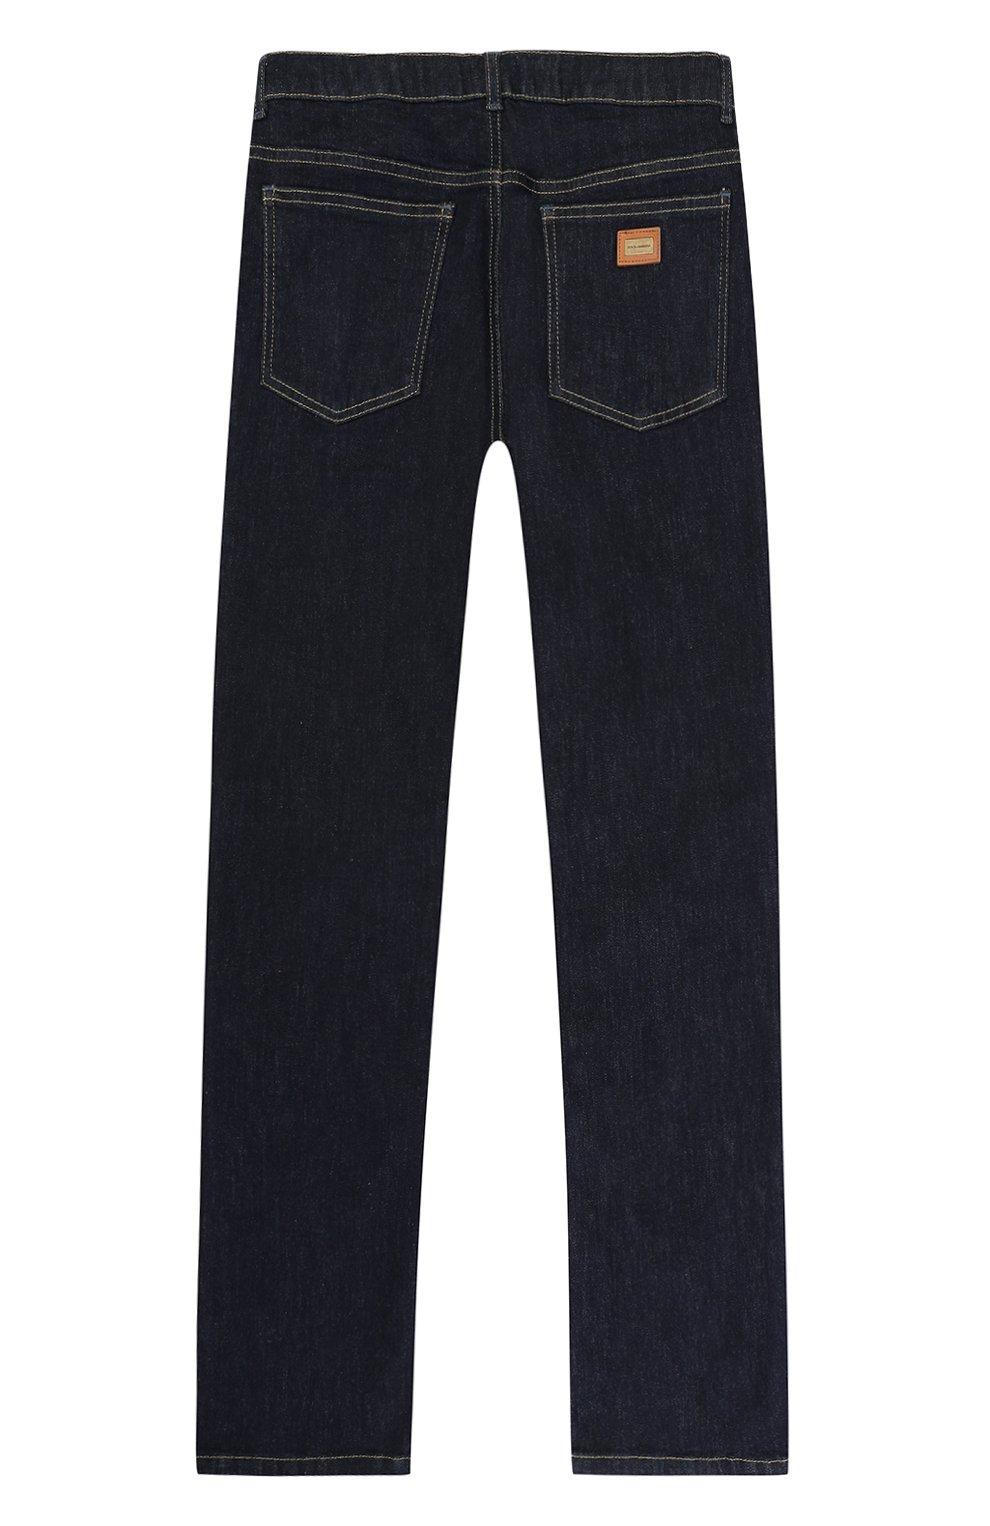 Детские джинсы прямого кроя с нашивками Dolce & Gabbana темно-синего цвета   Фото №2